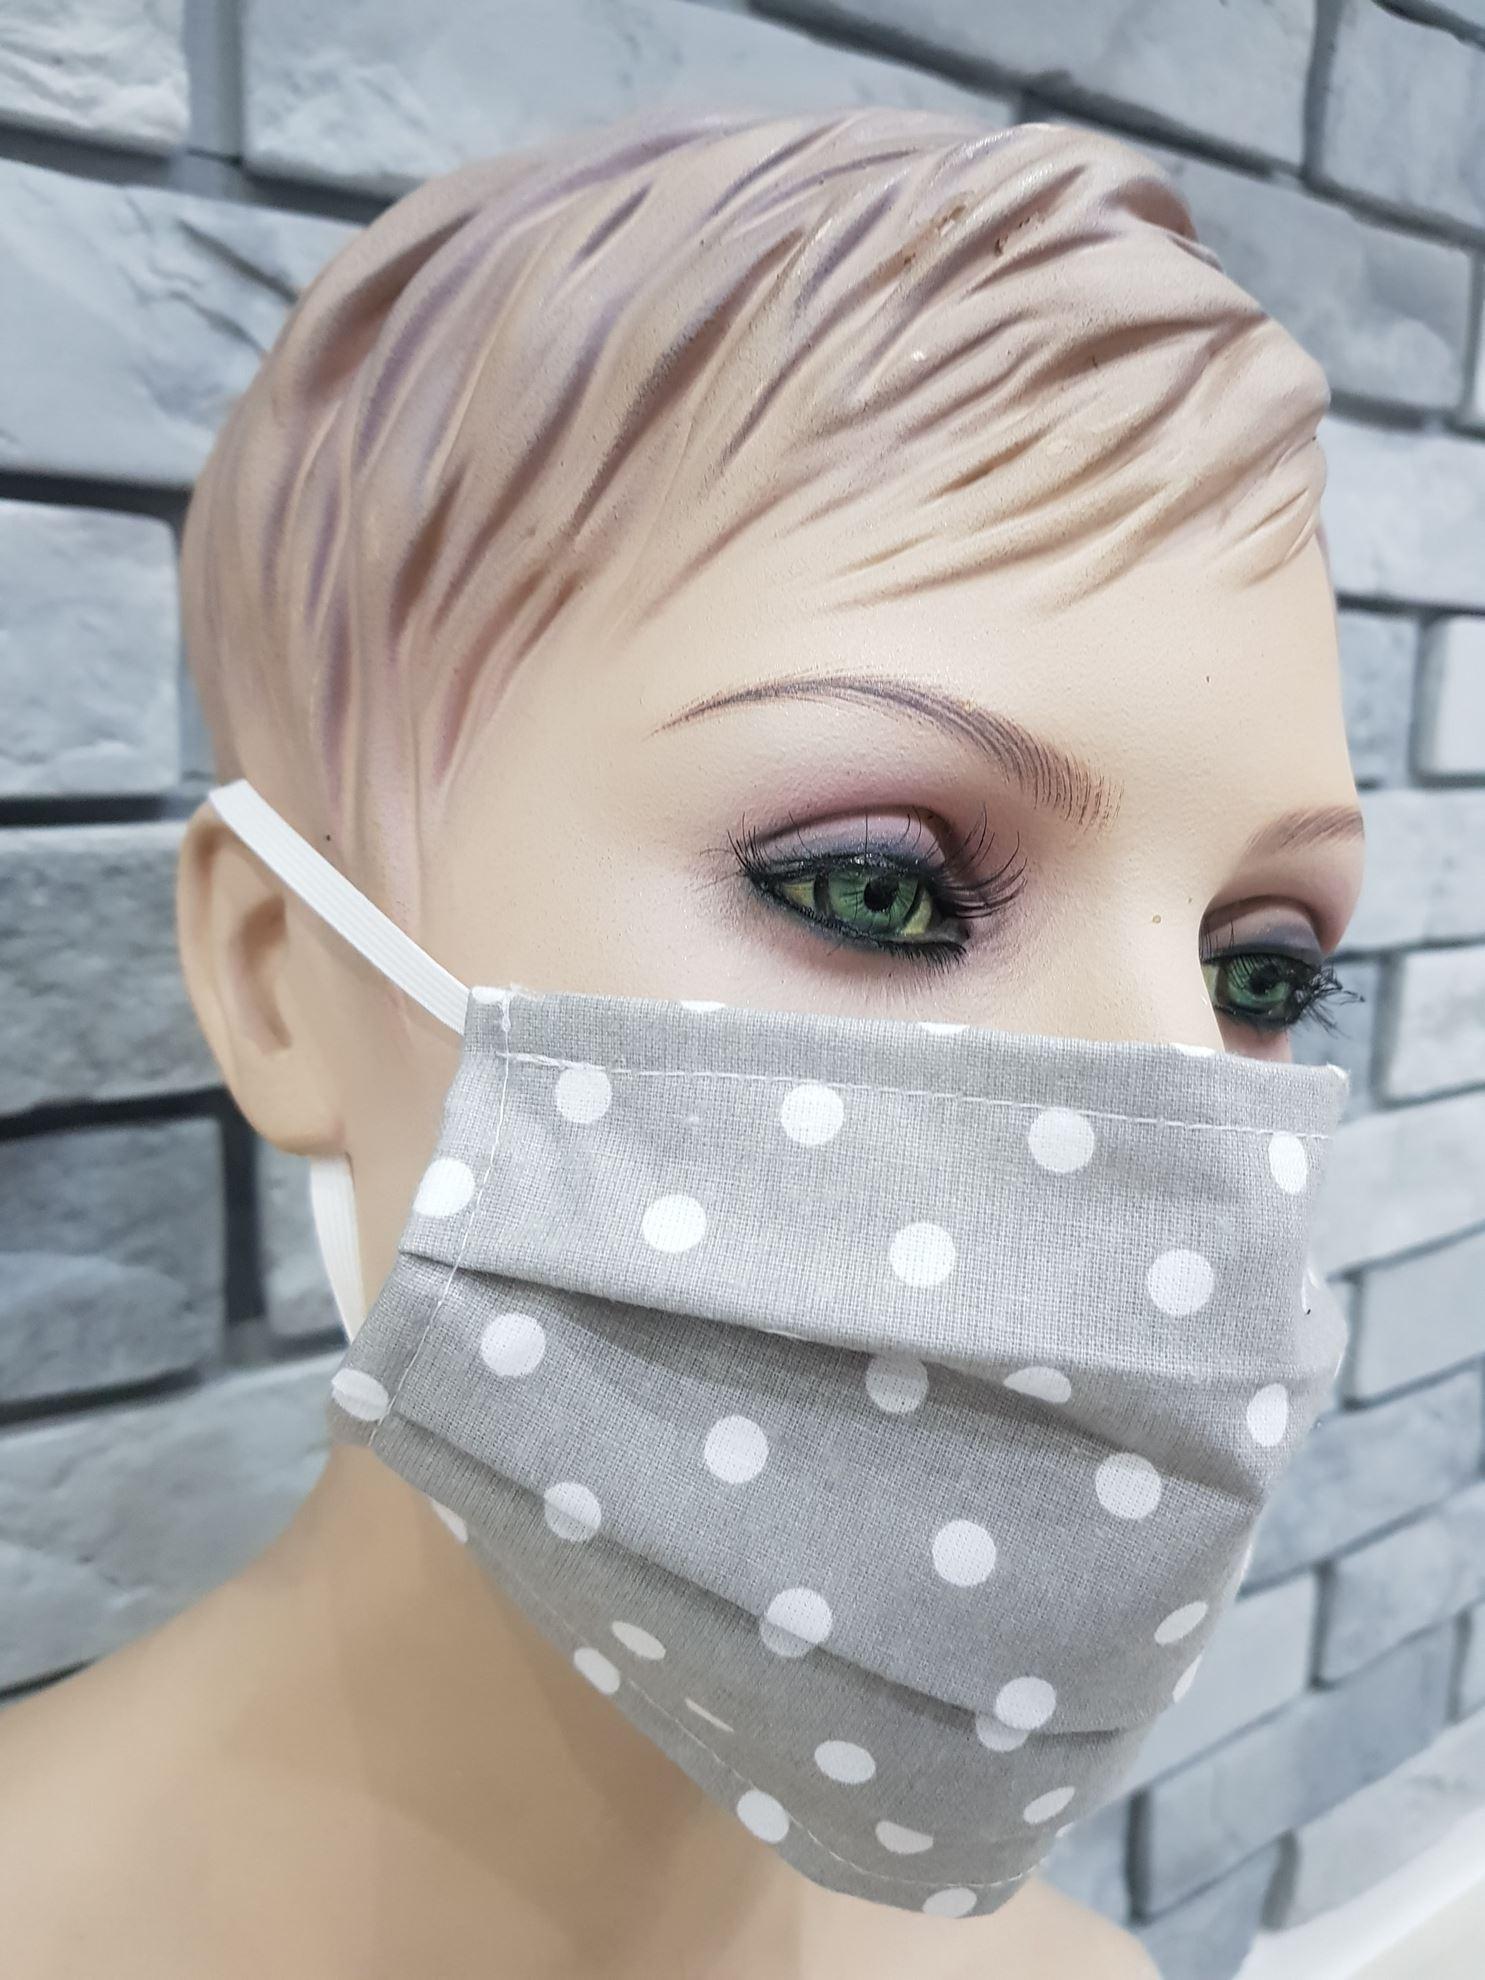 products 0003469 maseczka na twarz dwie warstwy bawelna szara w biale kropki 1